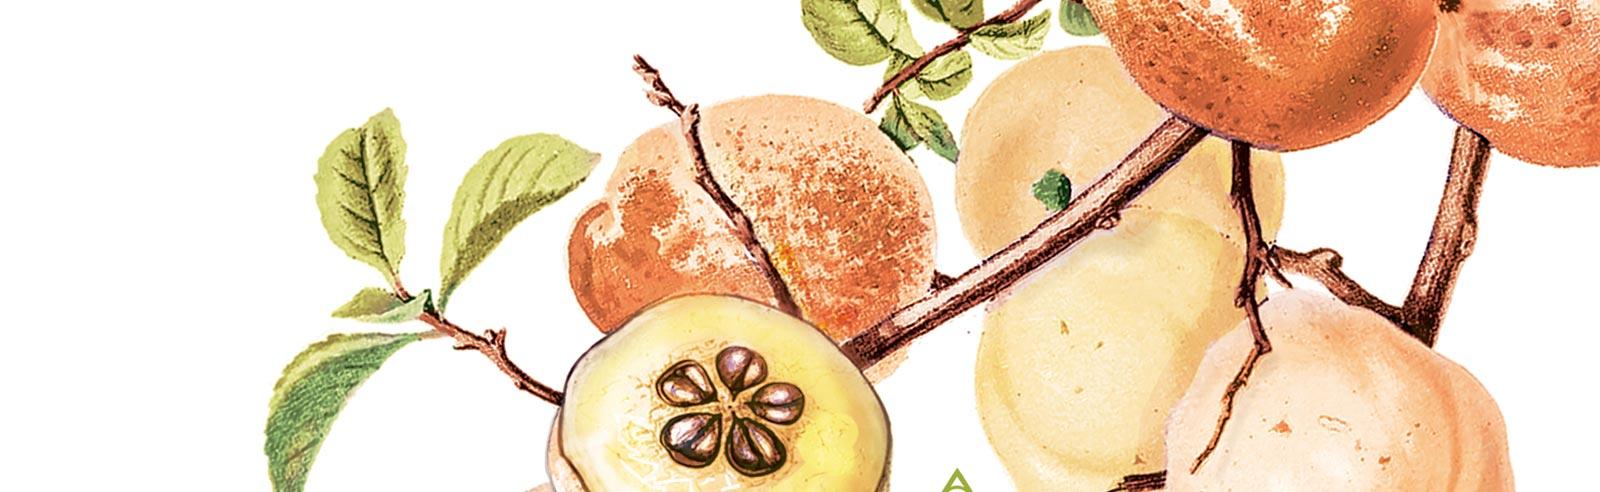 Планински лимон – Ръководство за отглеждане. Агротехически и здравни аспекти